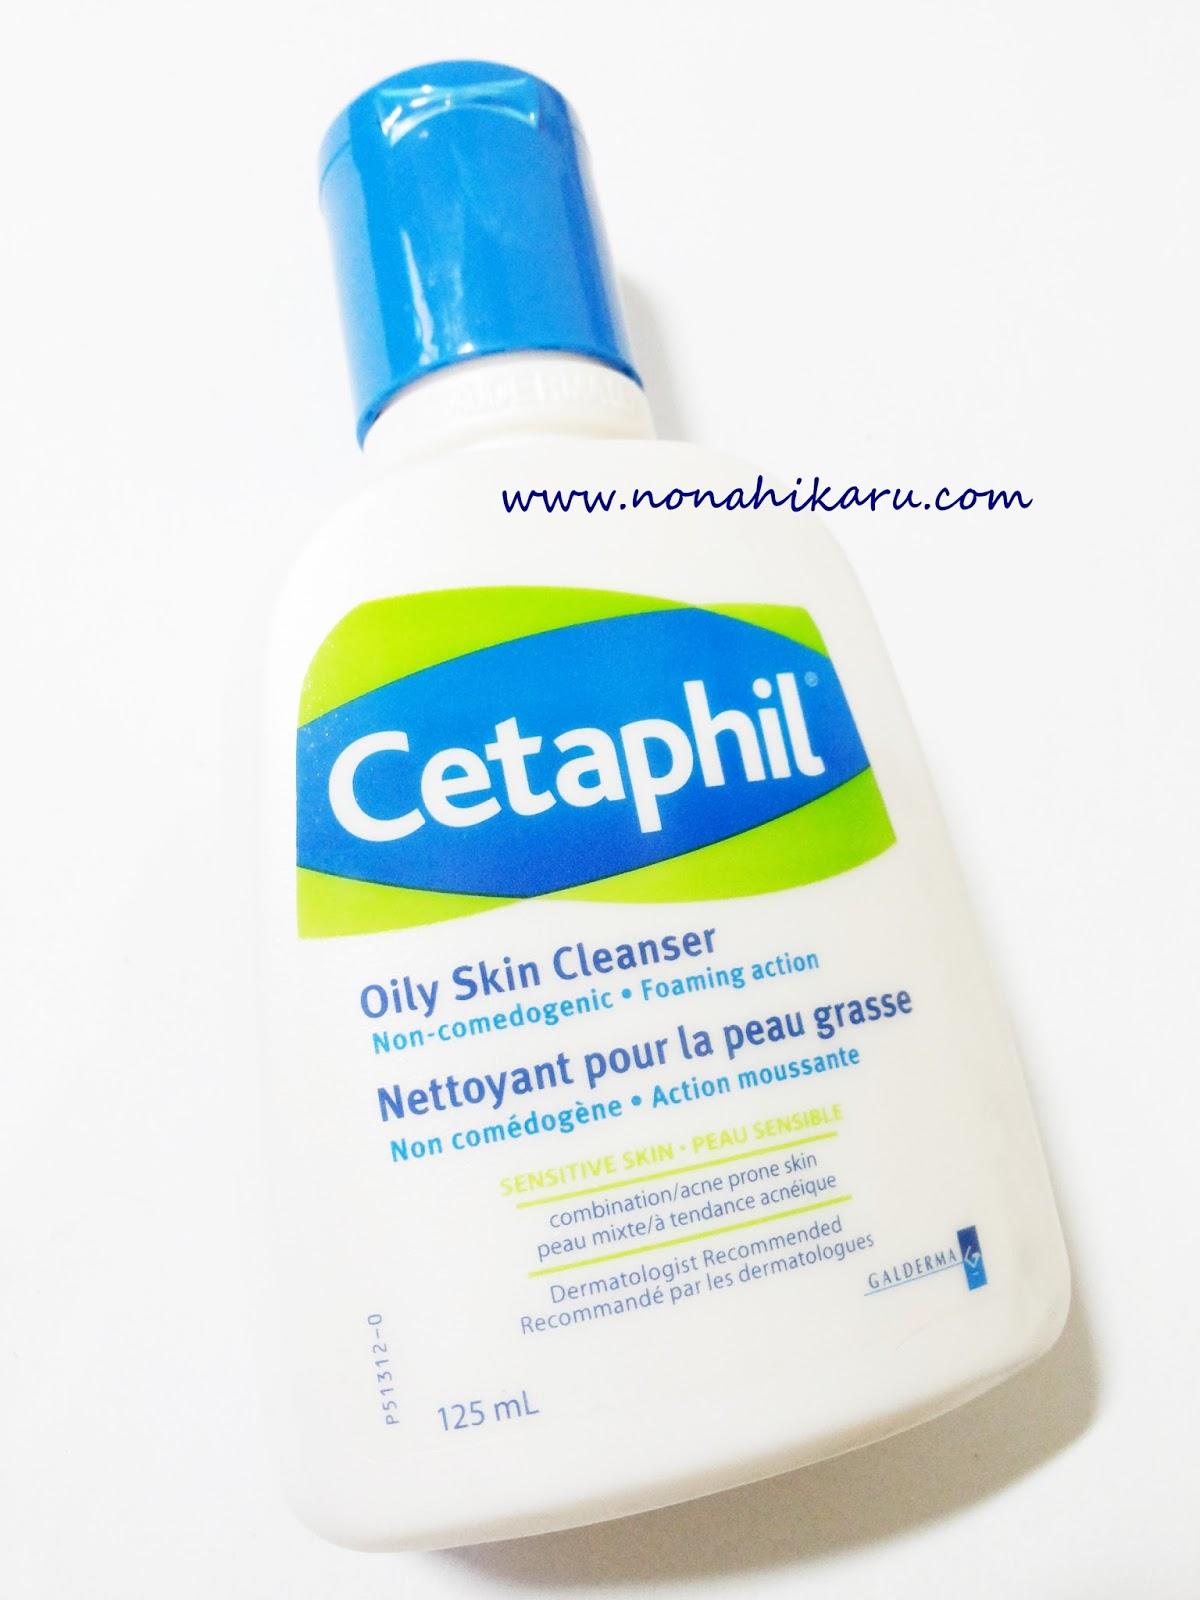 Review Cetaphil Oily Skin Cleanser Beauty Travelling 125 Ml Gentle Kalo Makeup Berguna Untuk Menyempurnakan Riasa Wajah Care Merawat Dan Menutrisi Kulit Sesuai Dengan Kebutuhannya